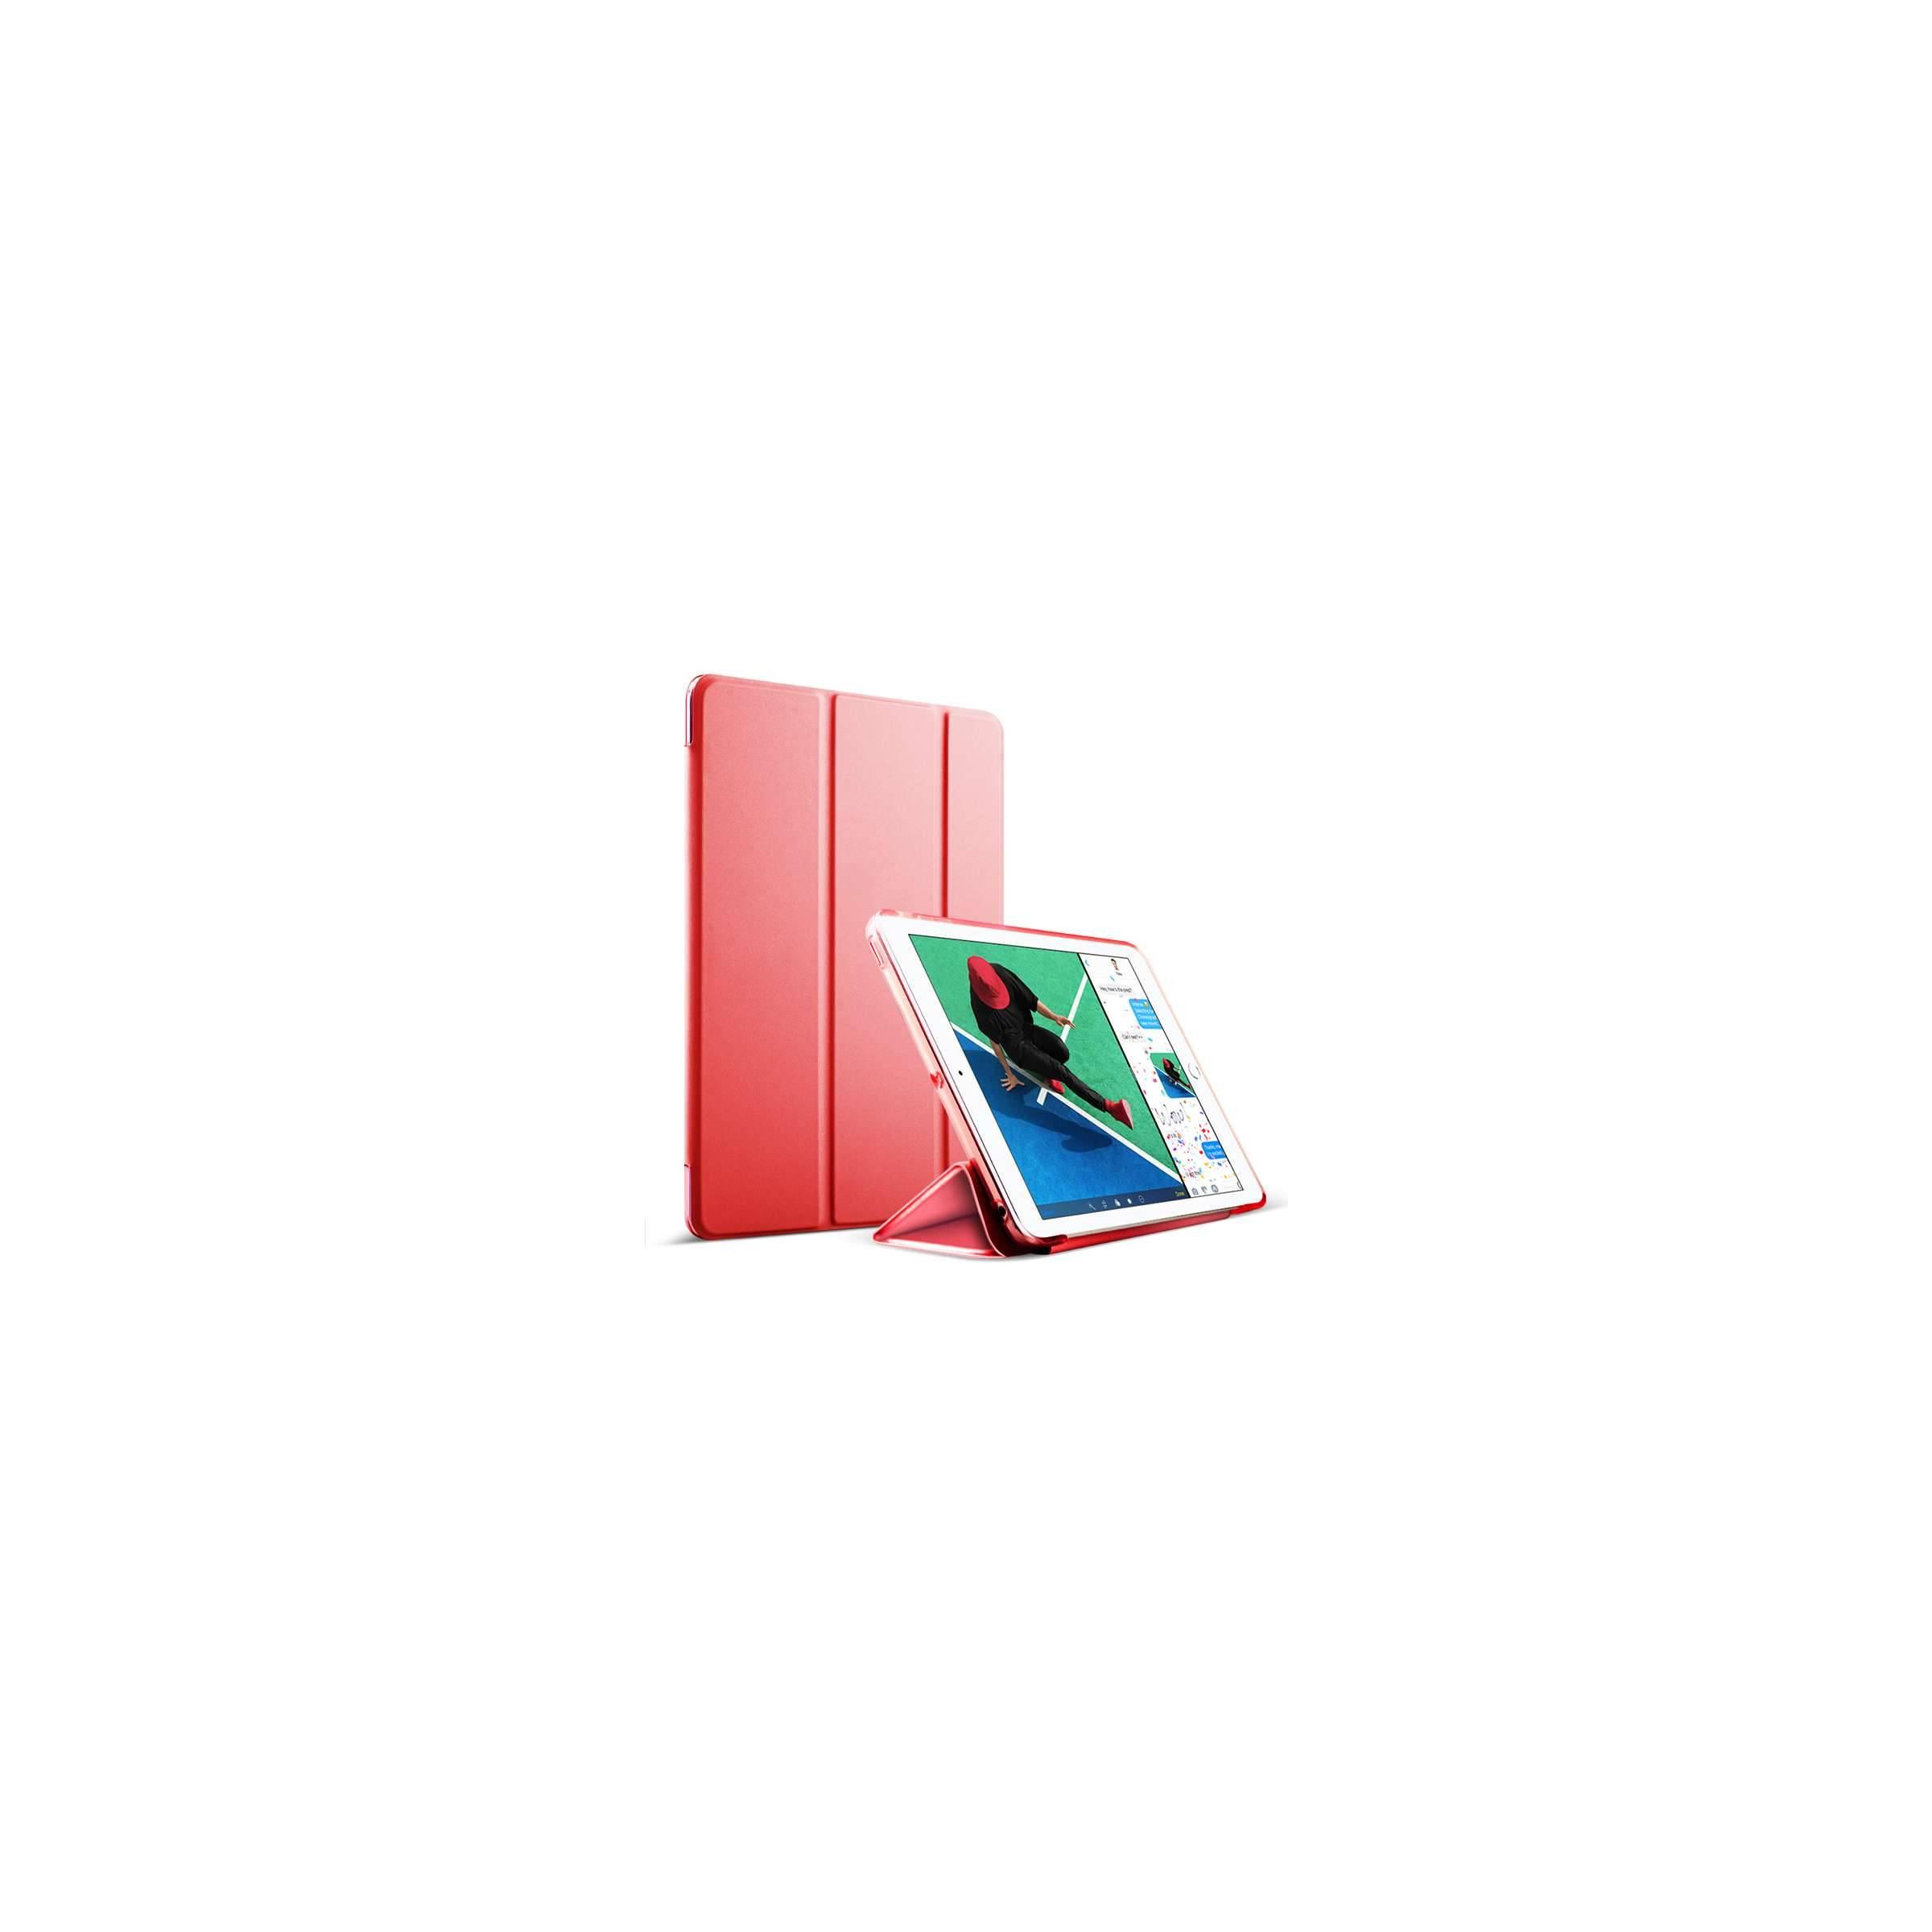 kina oem – Ipad mini 5 silikone cover med bagside farve rød på mackabler.dk